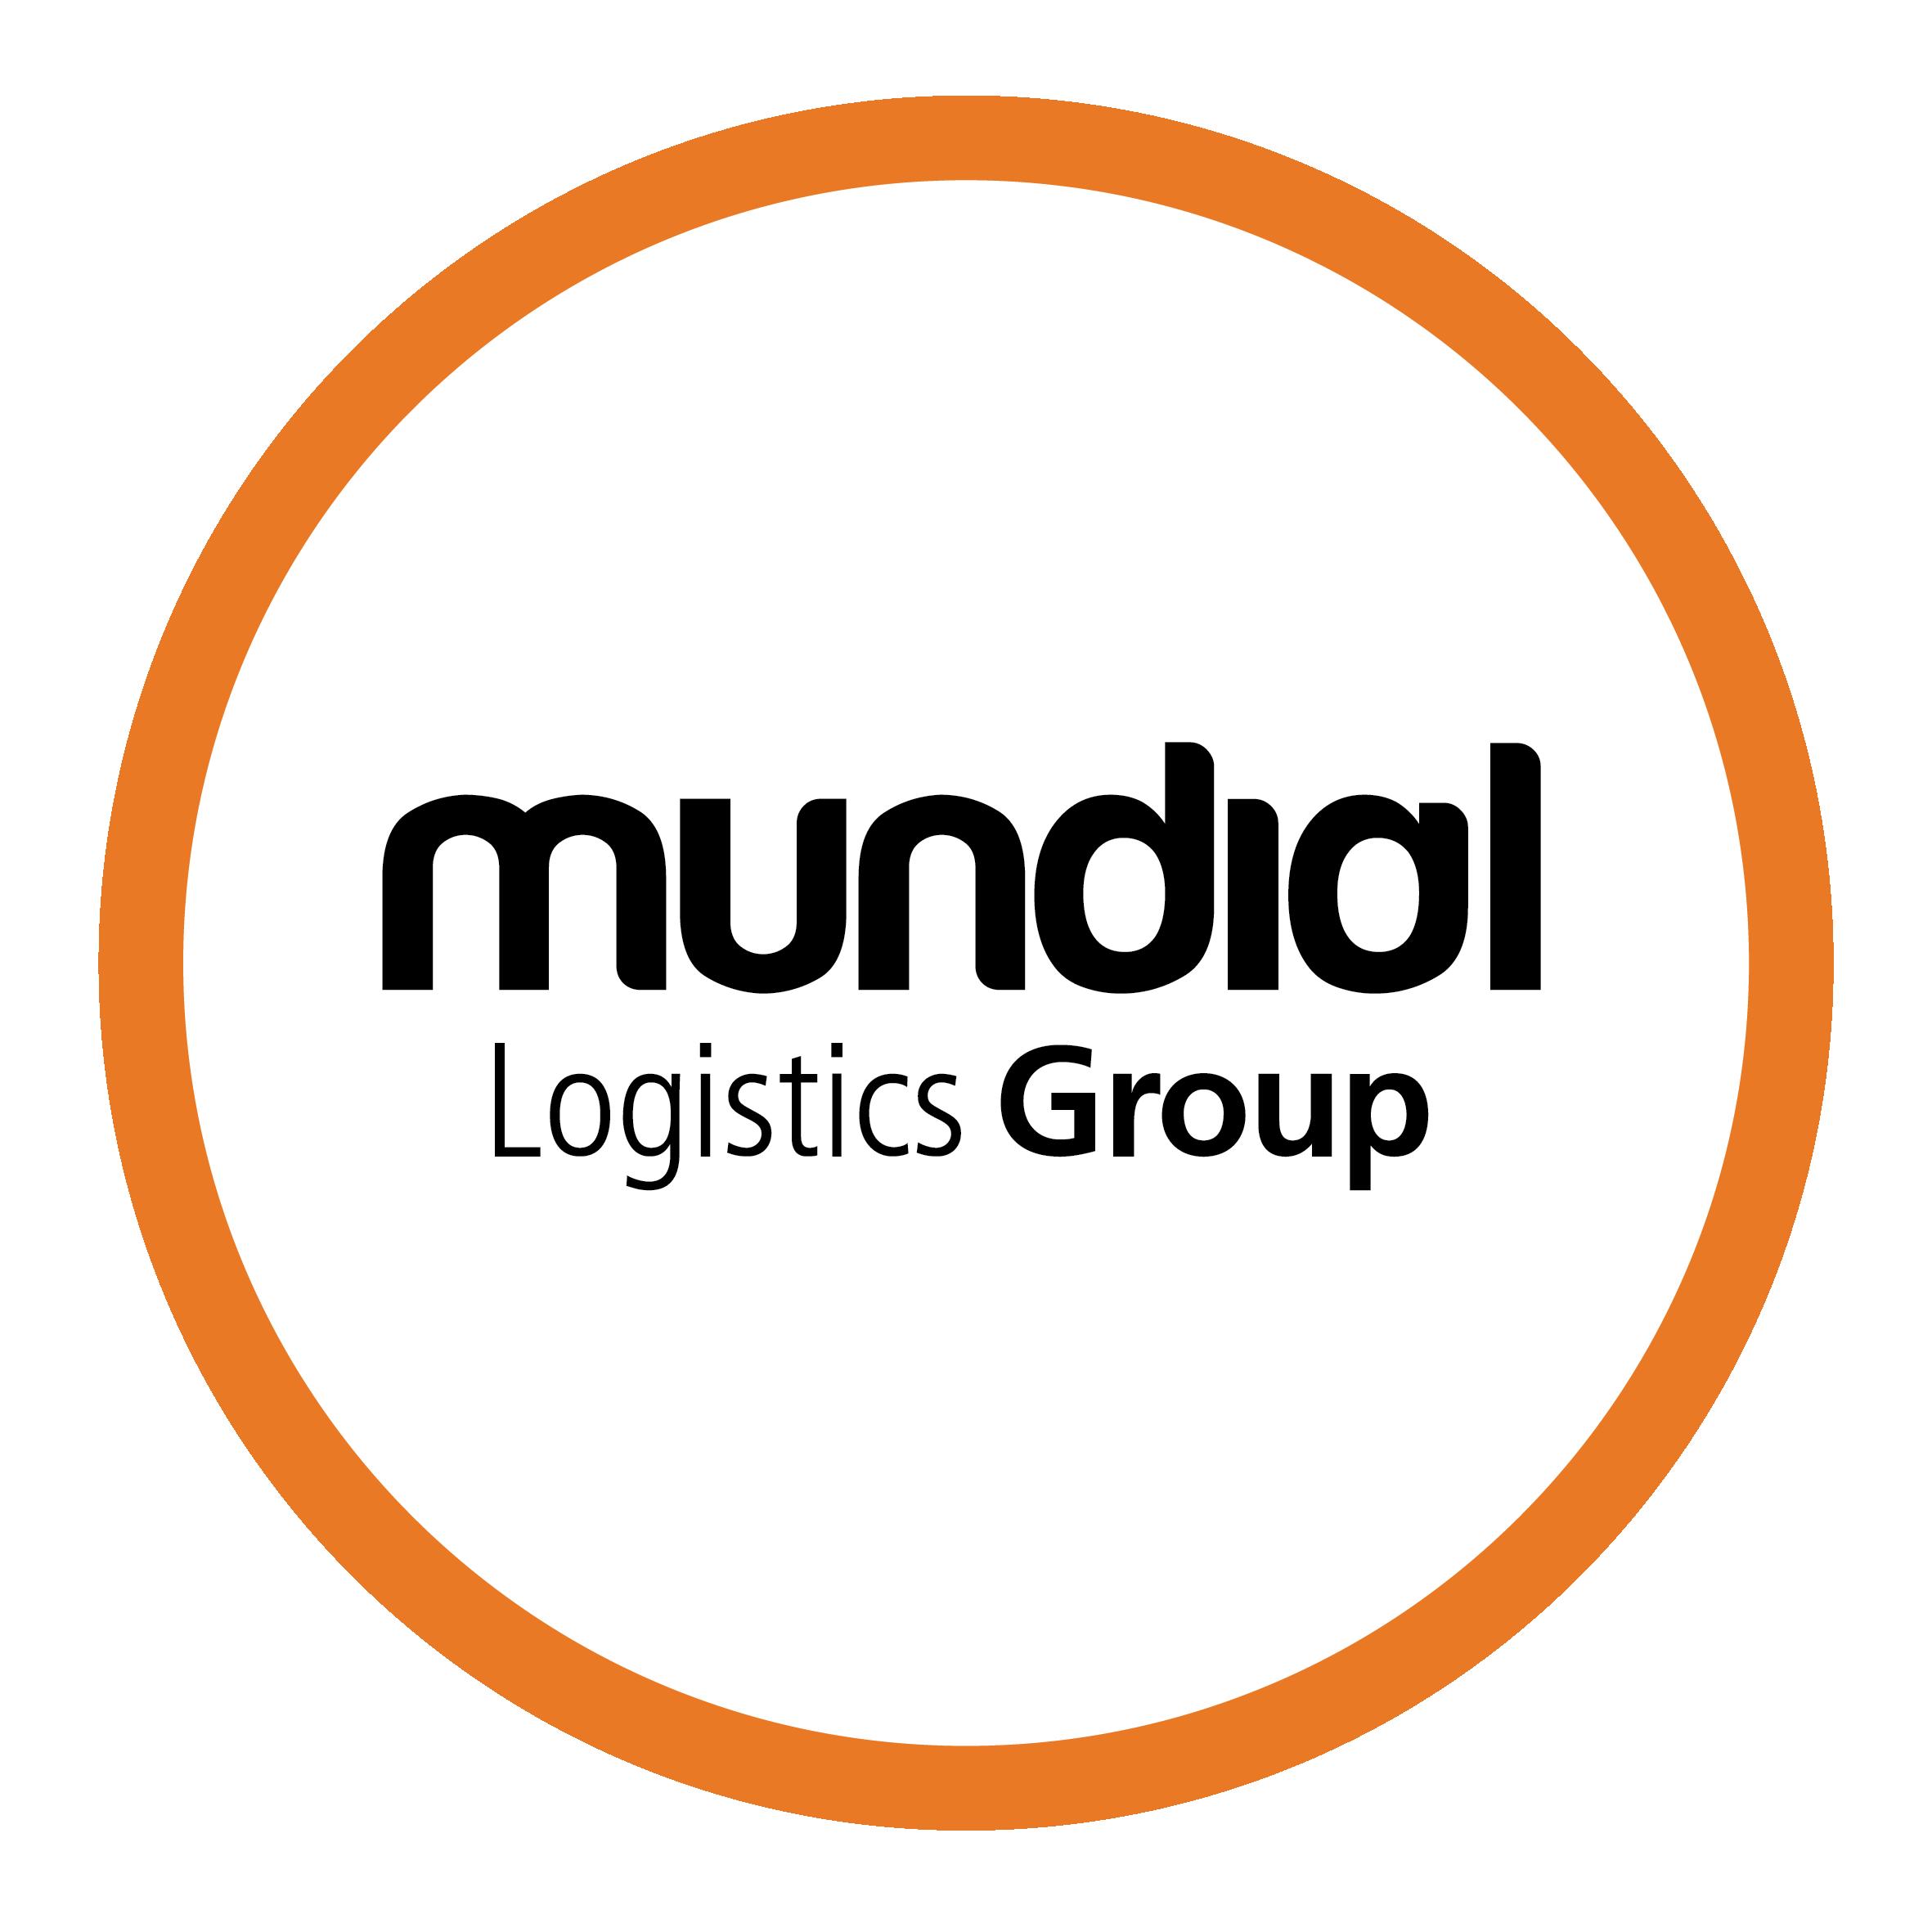 mundial - logo